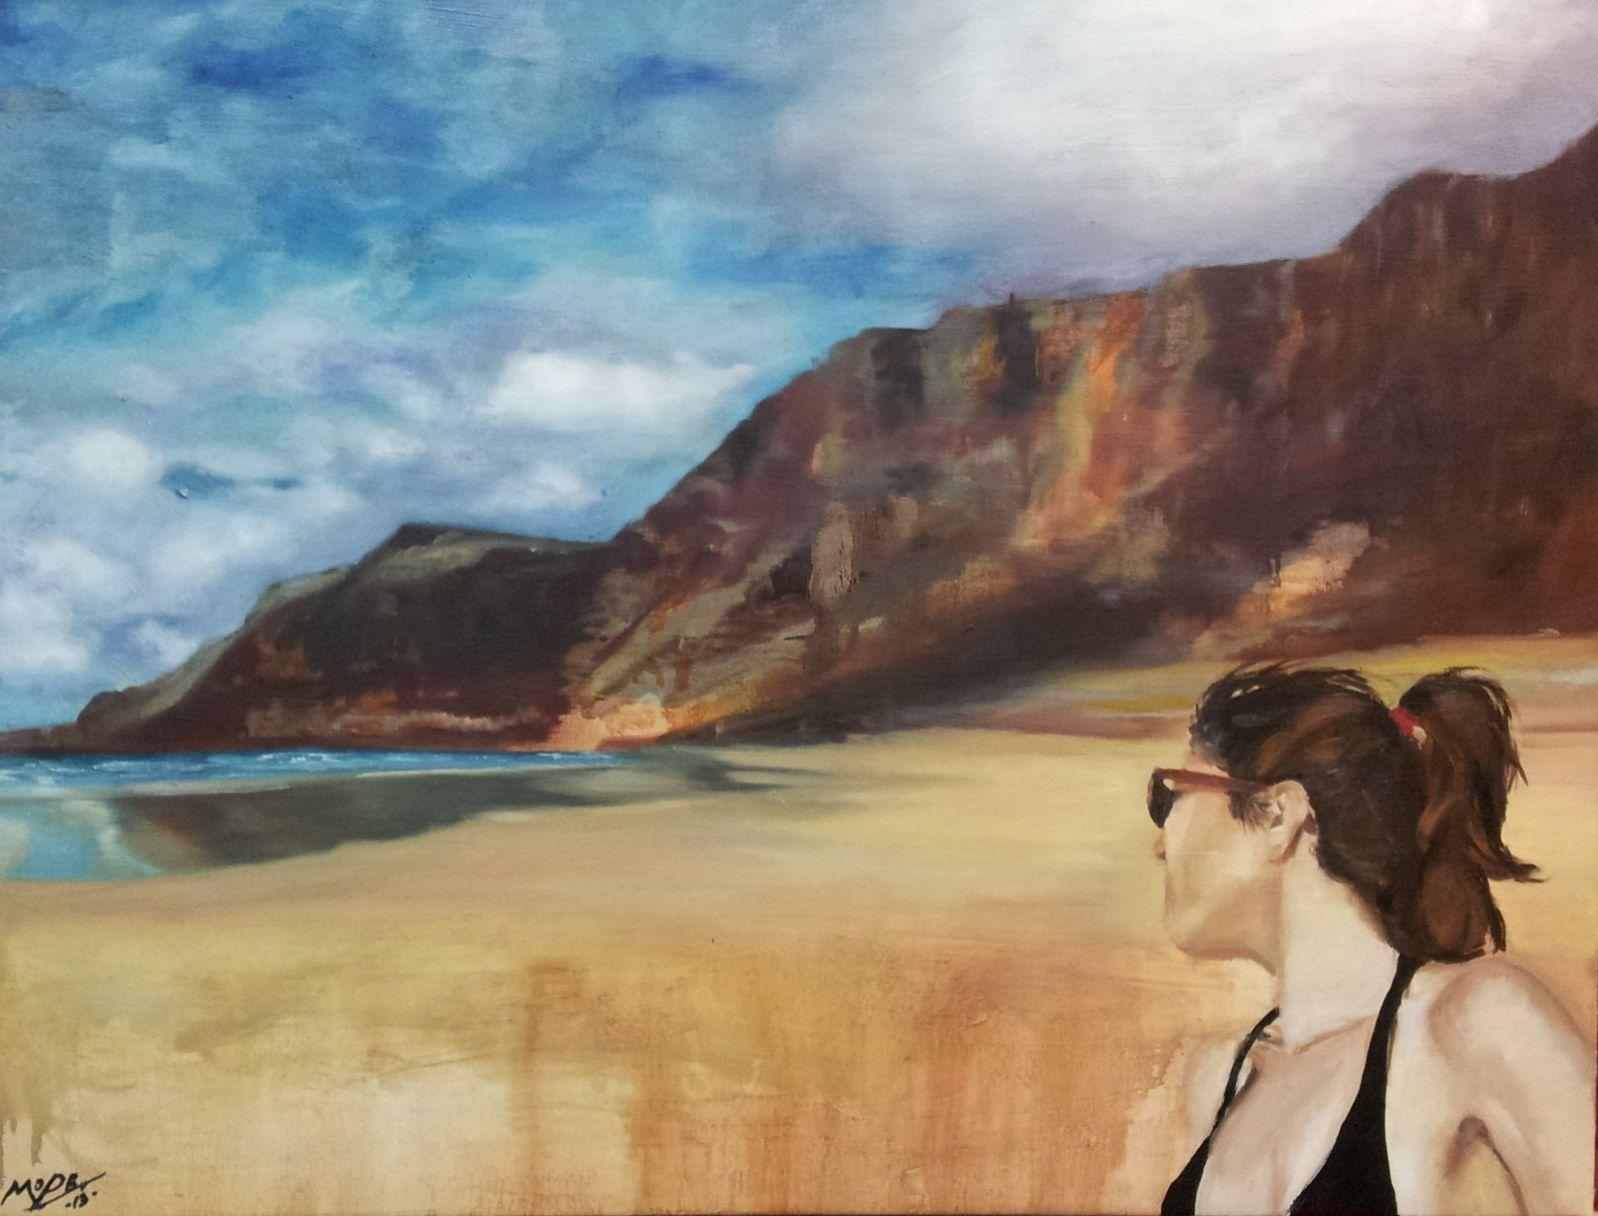 En Famara. En la playa surfera de Lanzarote, con toda la fuerza volcánica que se derrama en el borde.